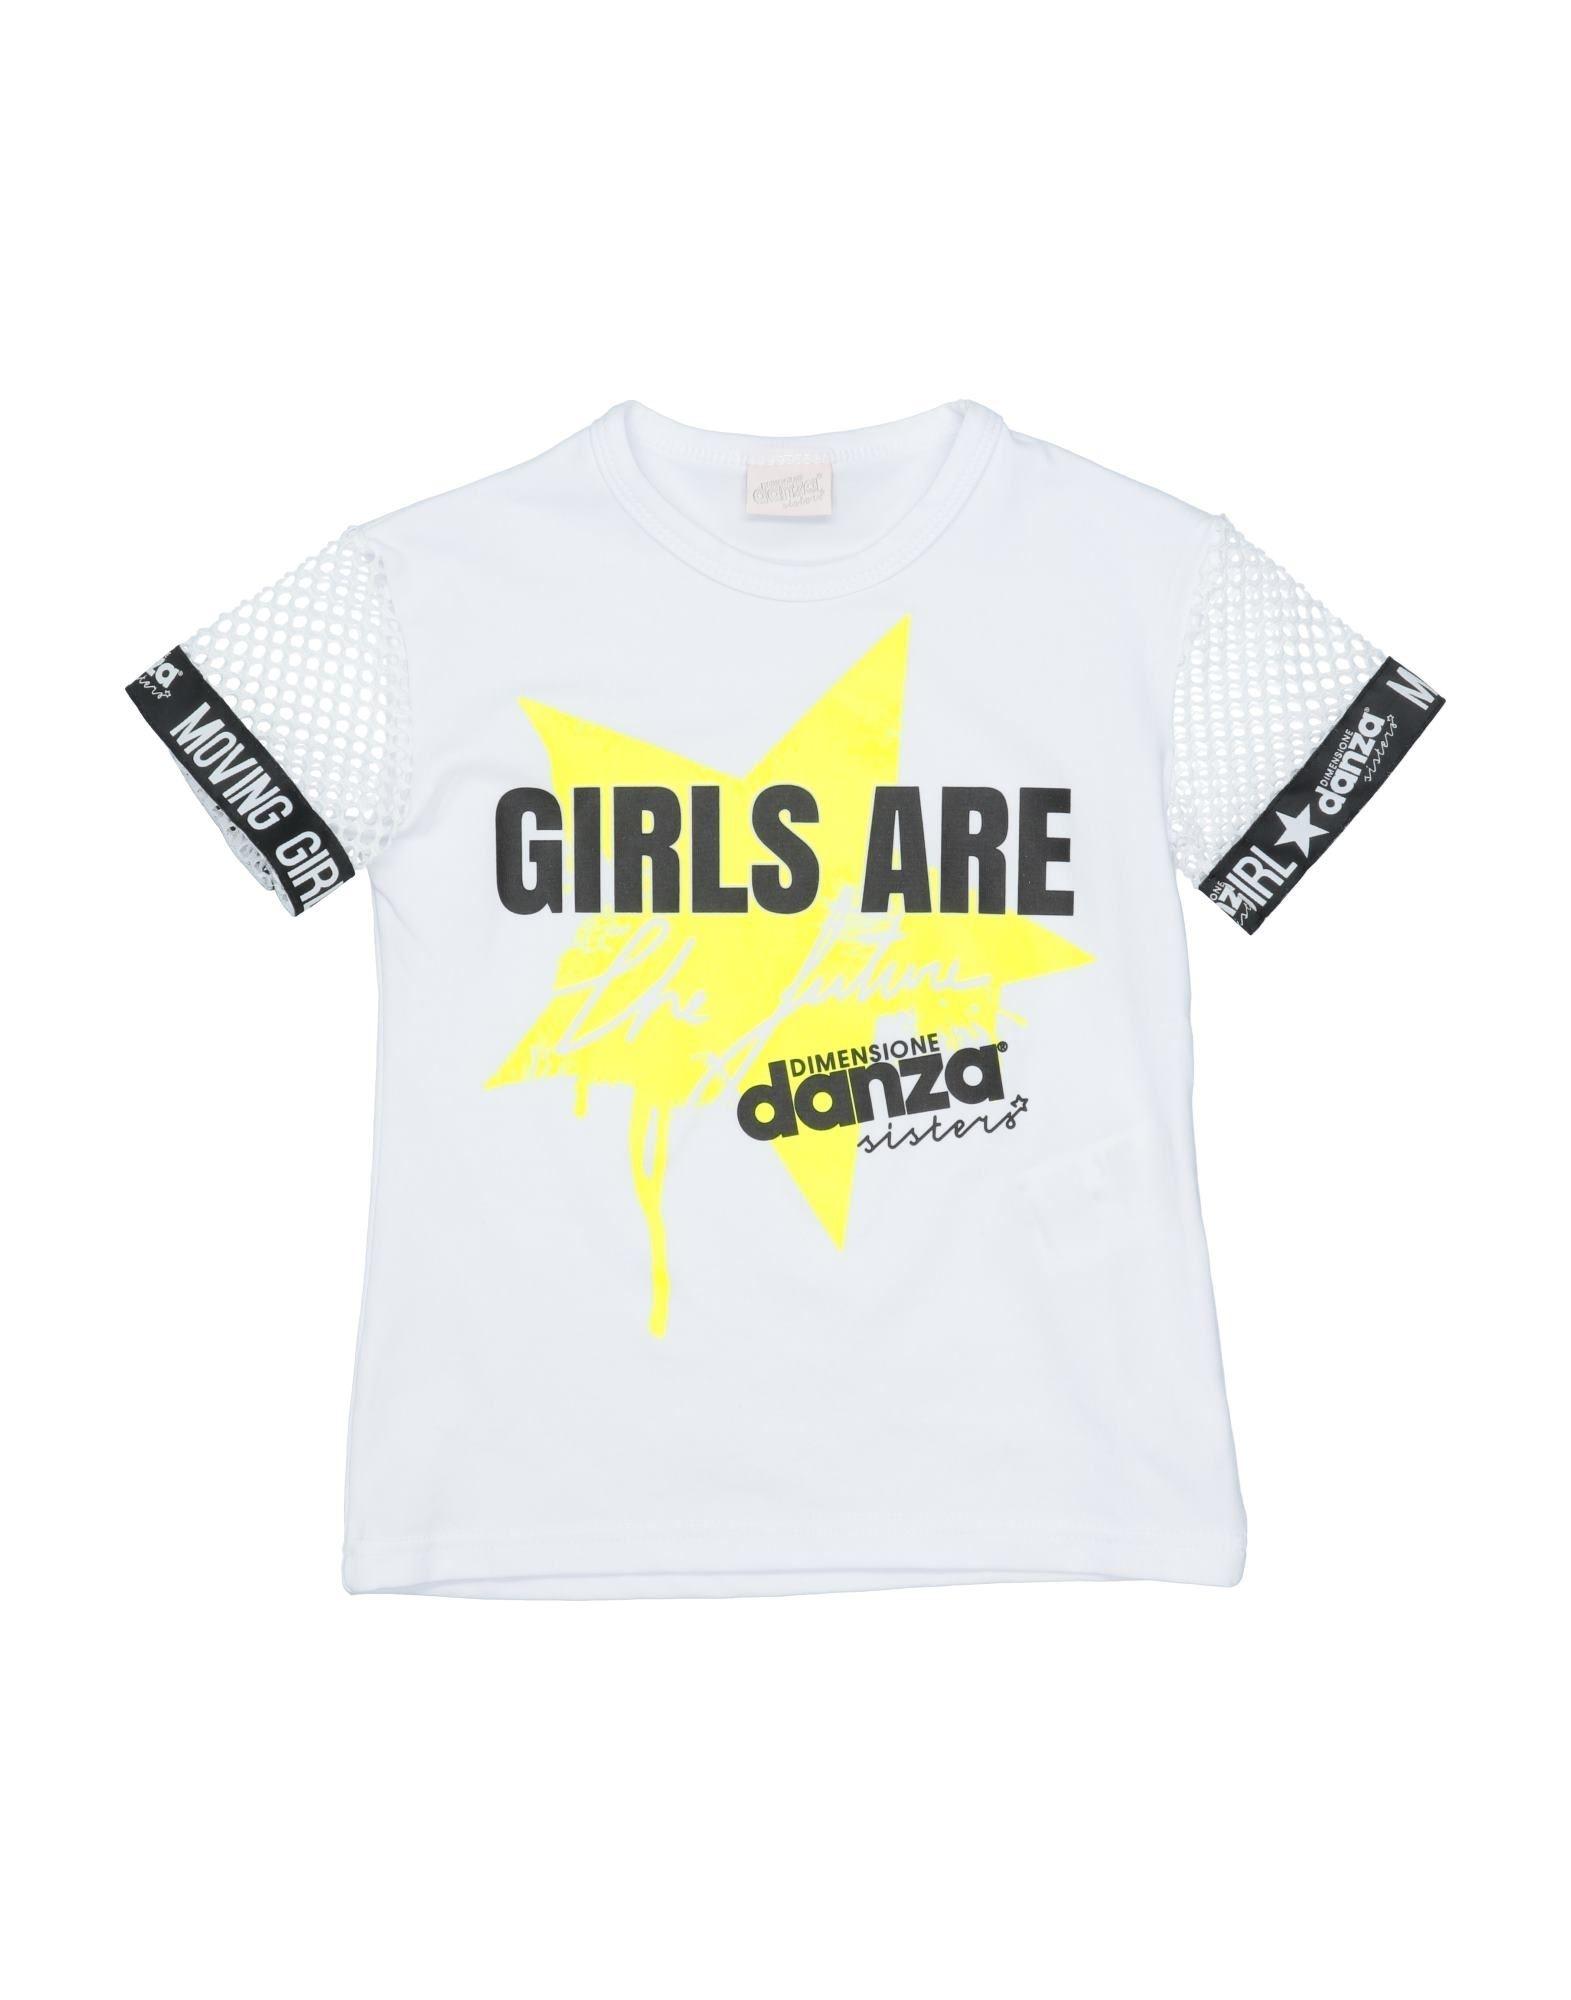 Фото - DIMENSIONE DANZA SISTERS Футболка dimensione danza sisters футболка